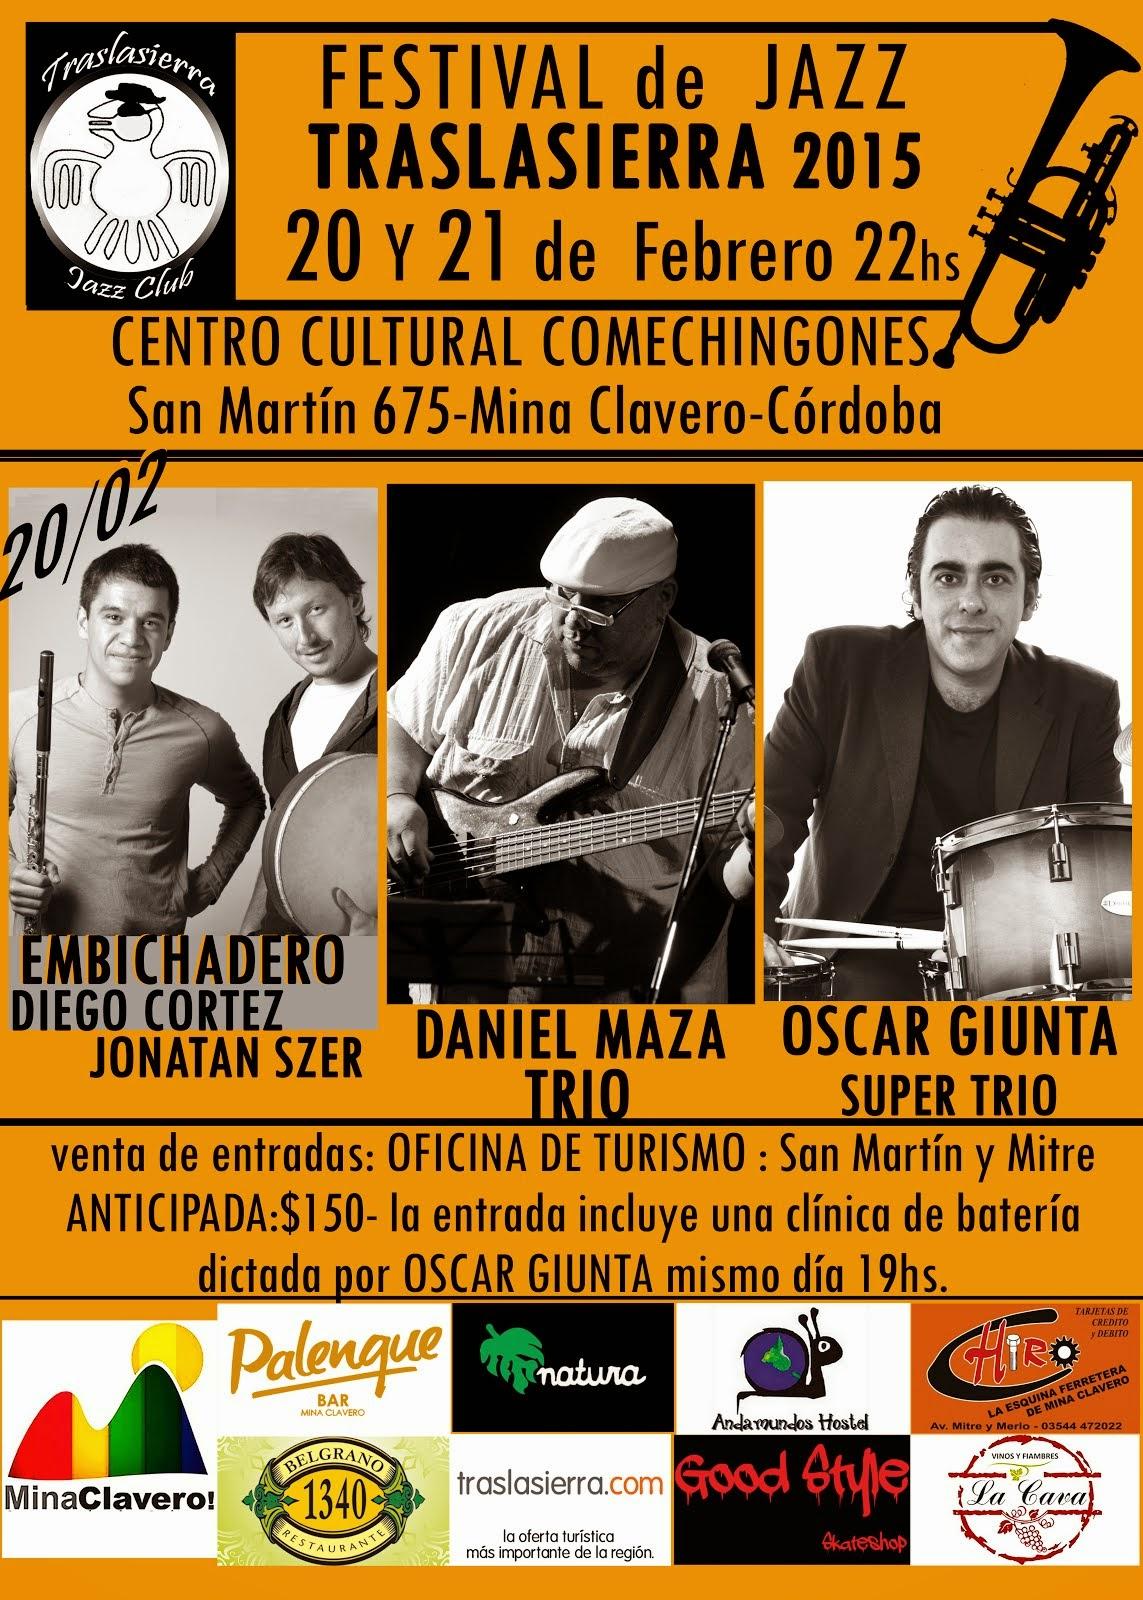 FESTIVAL de JAZZ TRASLASIERRA 20/02 22HS